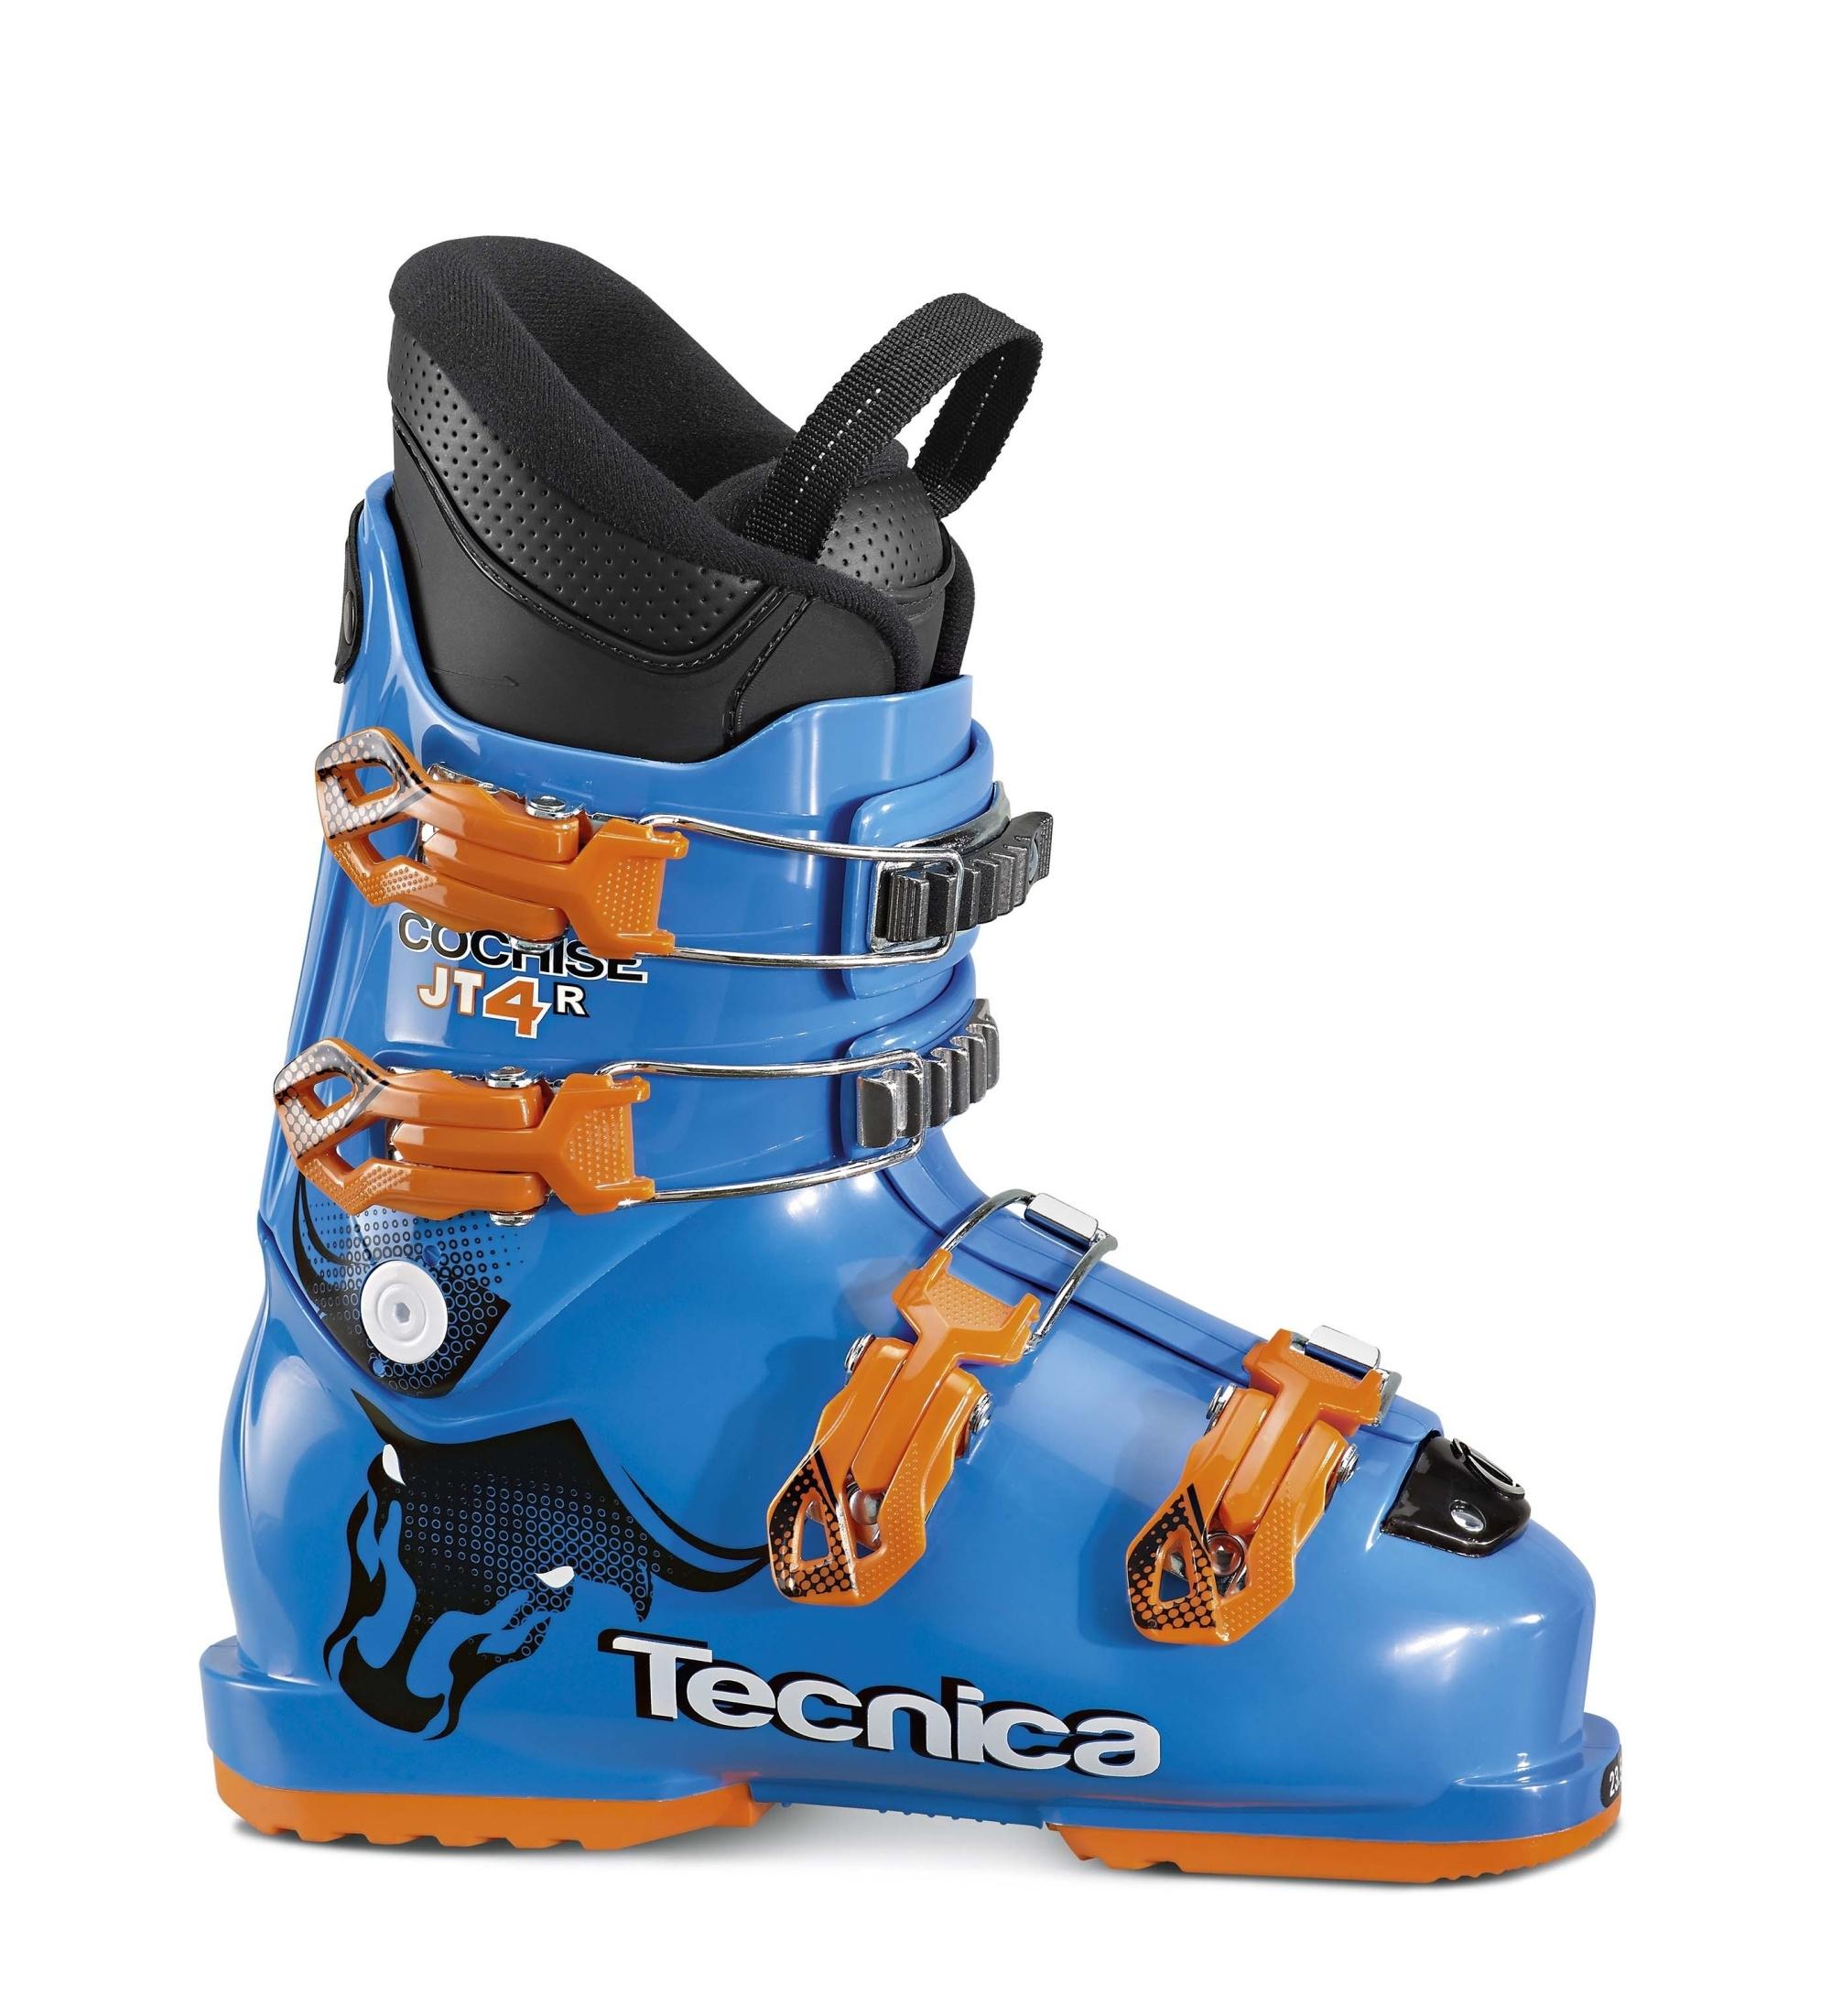 Lyžařské boty Tecnica JT4 Cochise Barva: Modrá, Velikost: 260